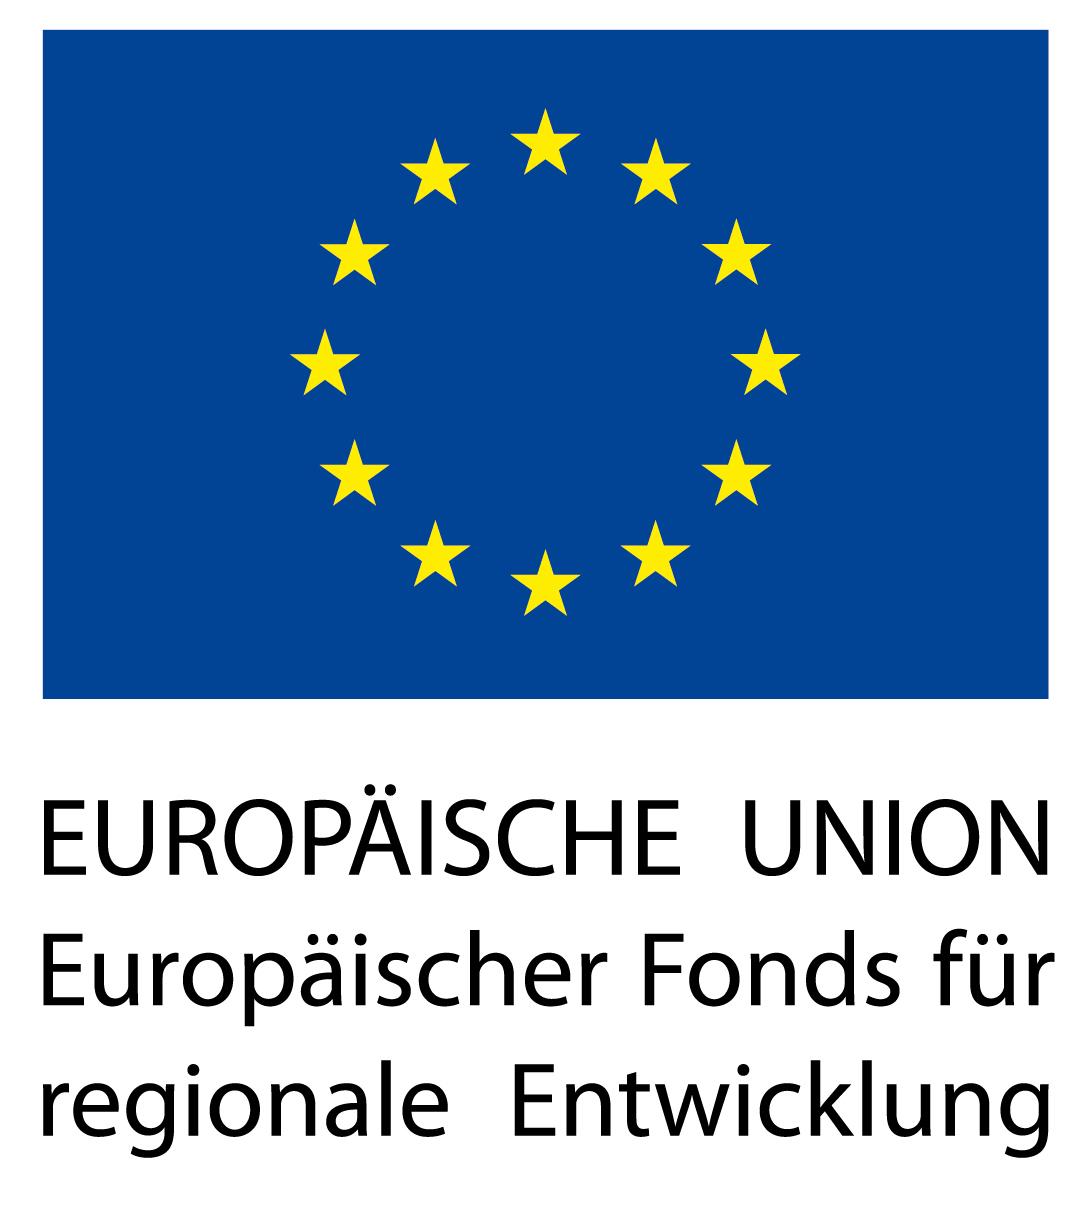 EUROPÄISCHE UNION Europäischer Fonds für regionale Entwicklung